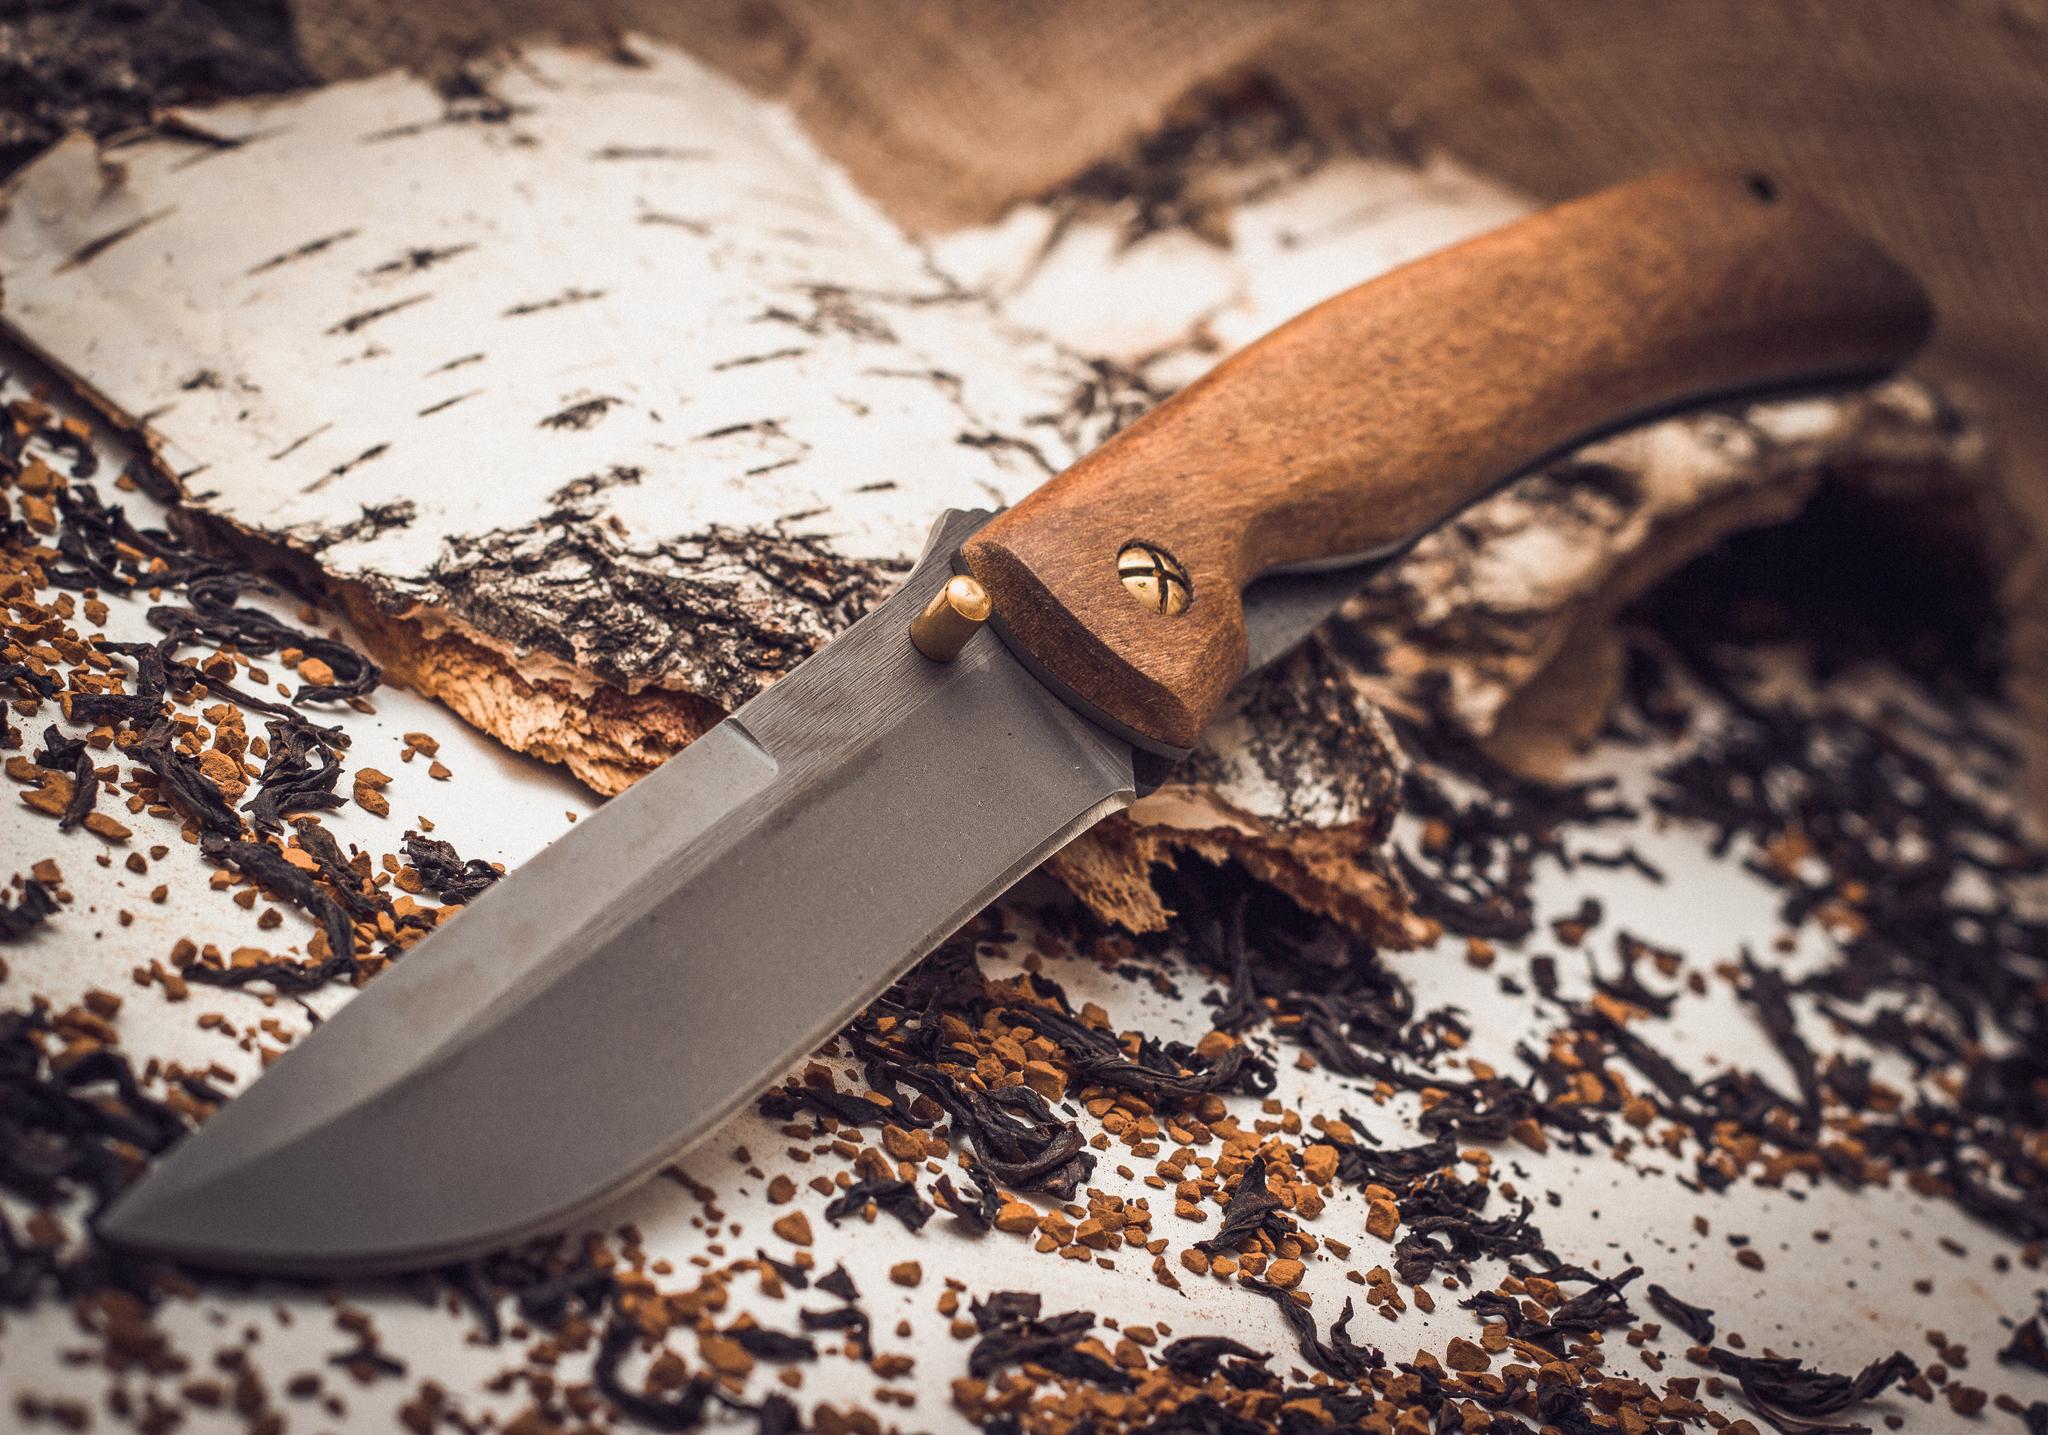 Фото 2 - Складной нож Кочевник из стали 95х18, орех от Марычев